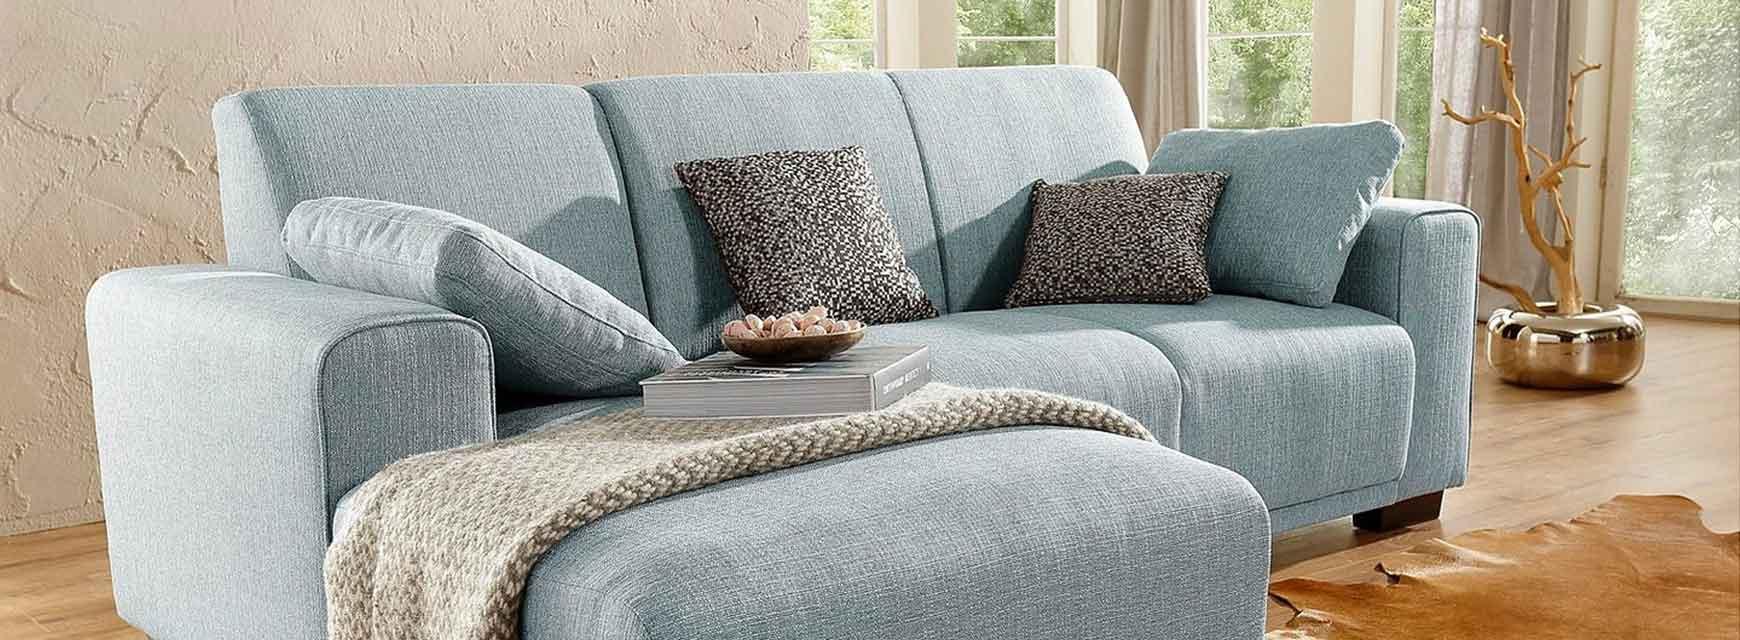 Full Size of Sofa Online Kaufen Landhausstil Landhaus Couch Naturloftde Günstig Big L Form In Bezug 3 Sitzer Mit Relaxfunktion Küche Billig Esszimmer Alternatives Sofa Sofa Online Kaufen